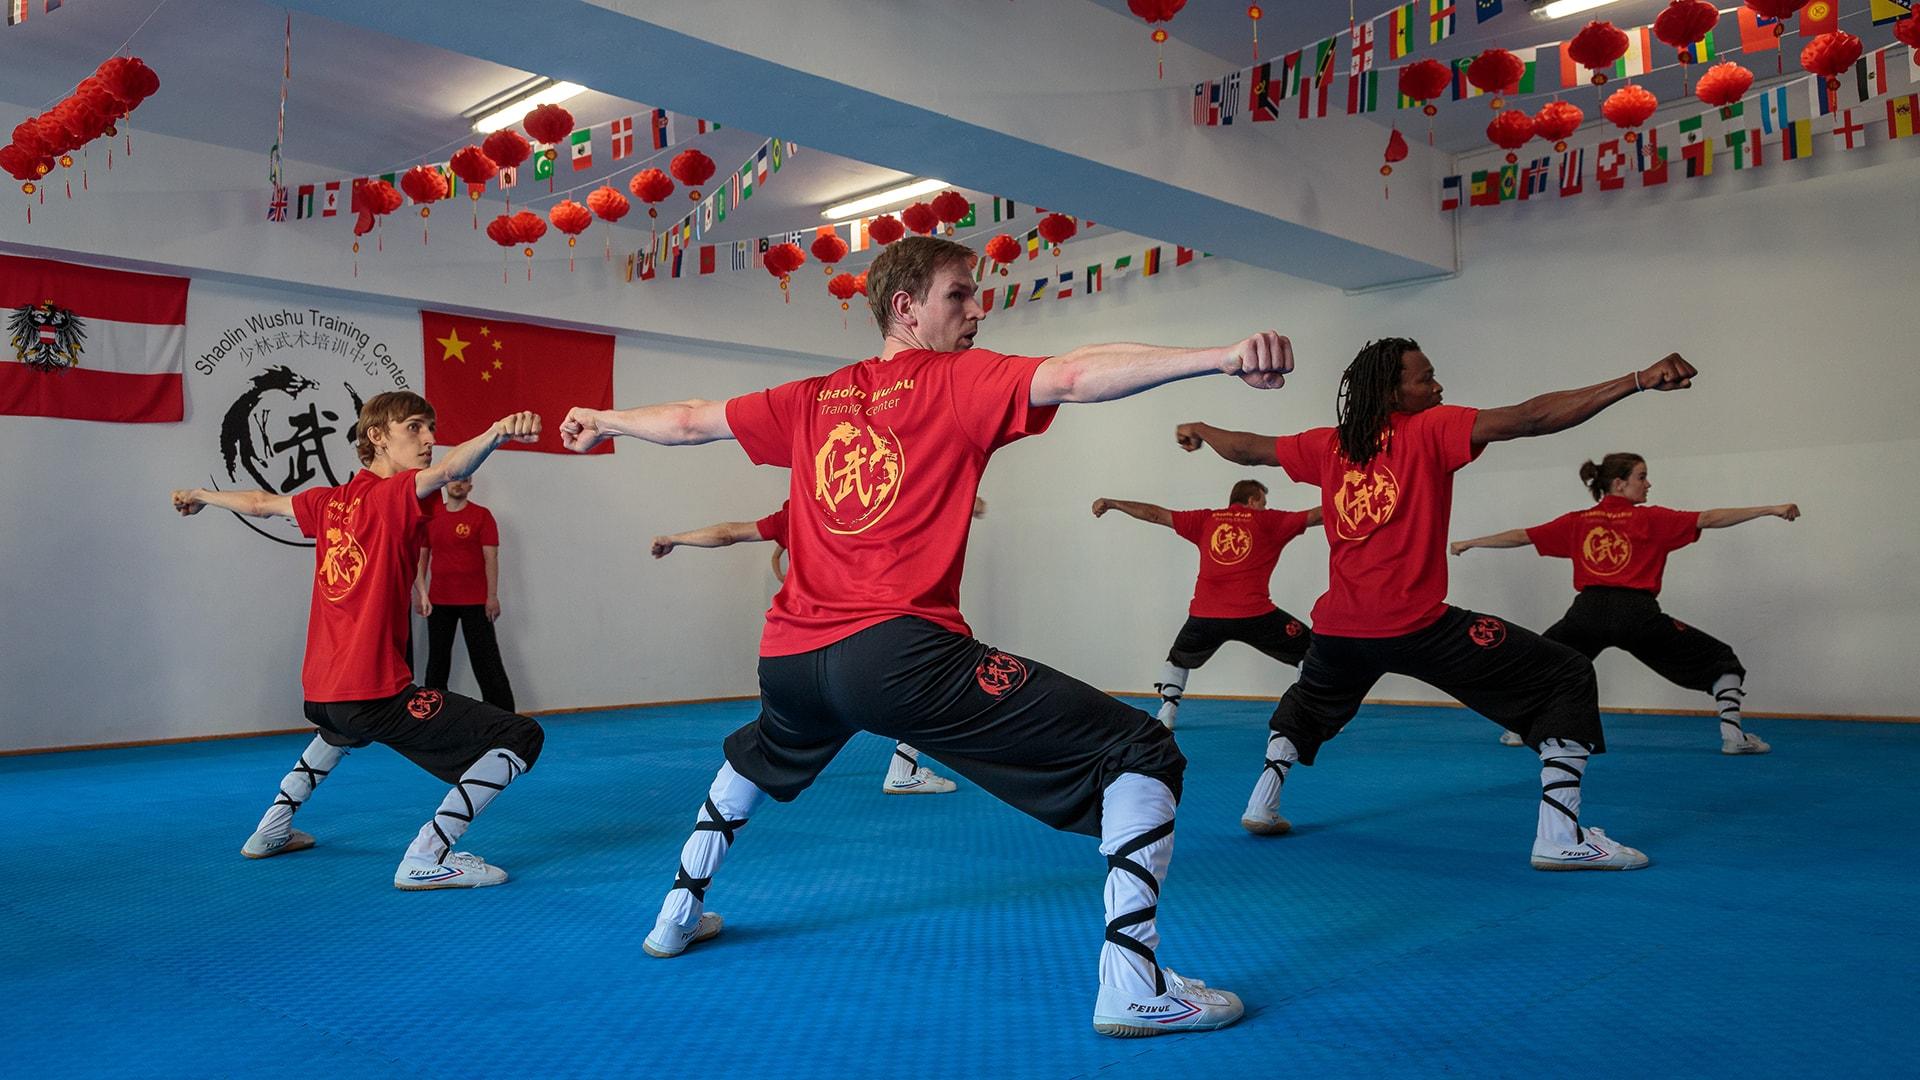 Shaolin-Wushu-Training-Center-Kung-Fu-in-Wien-4